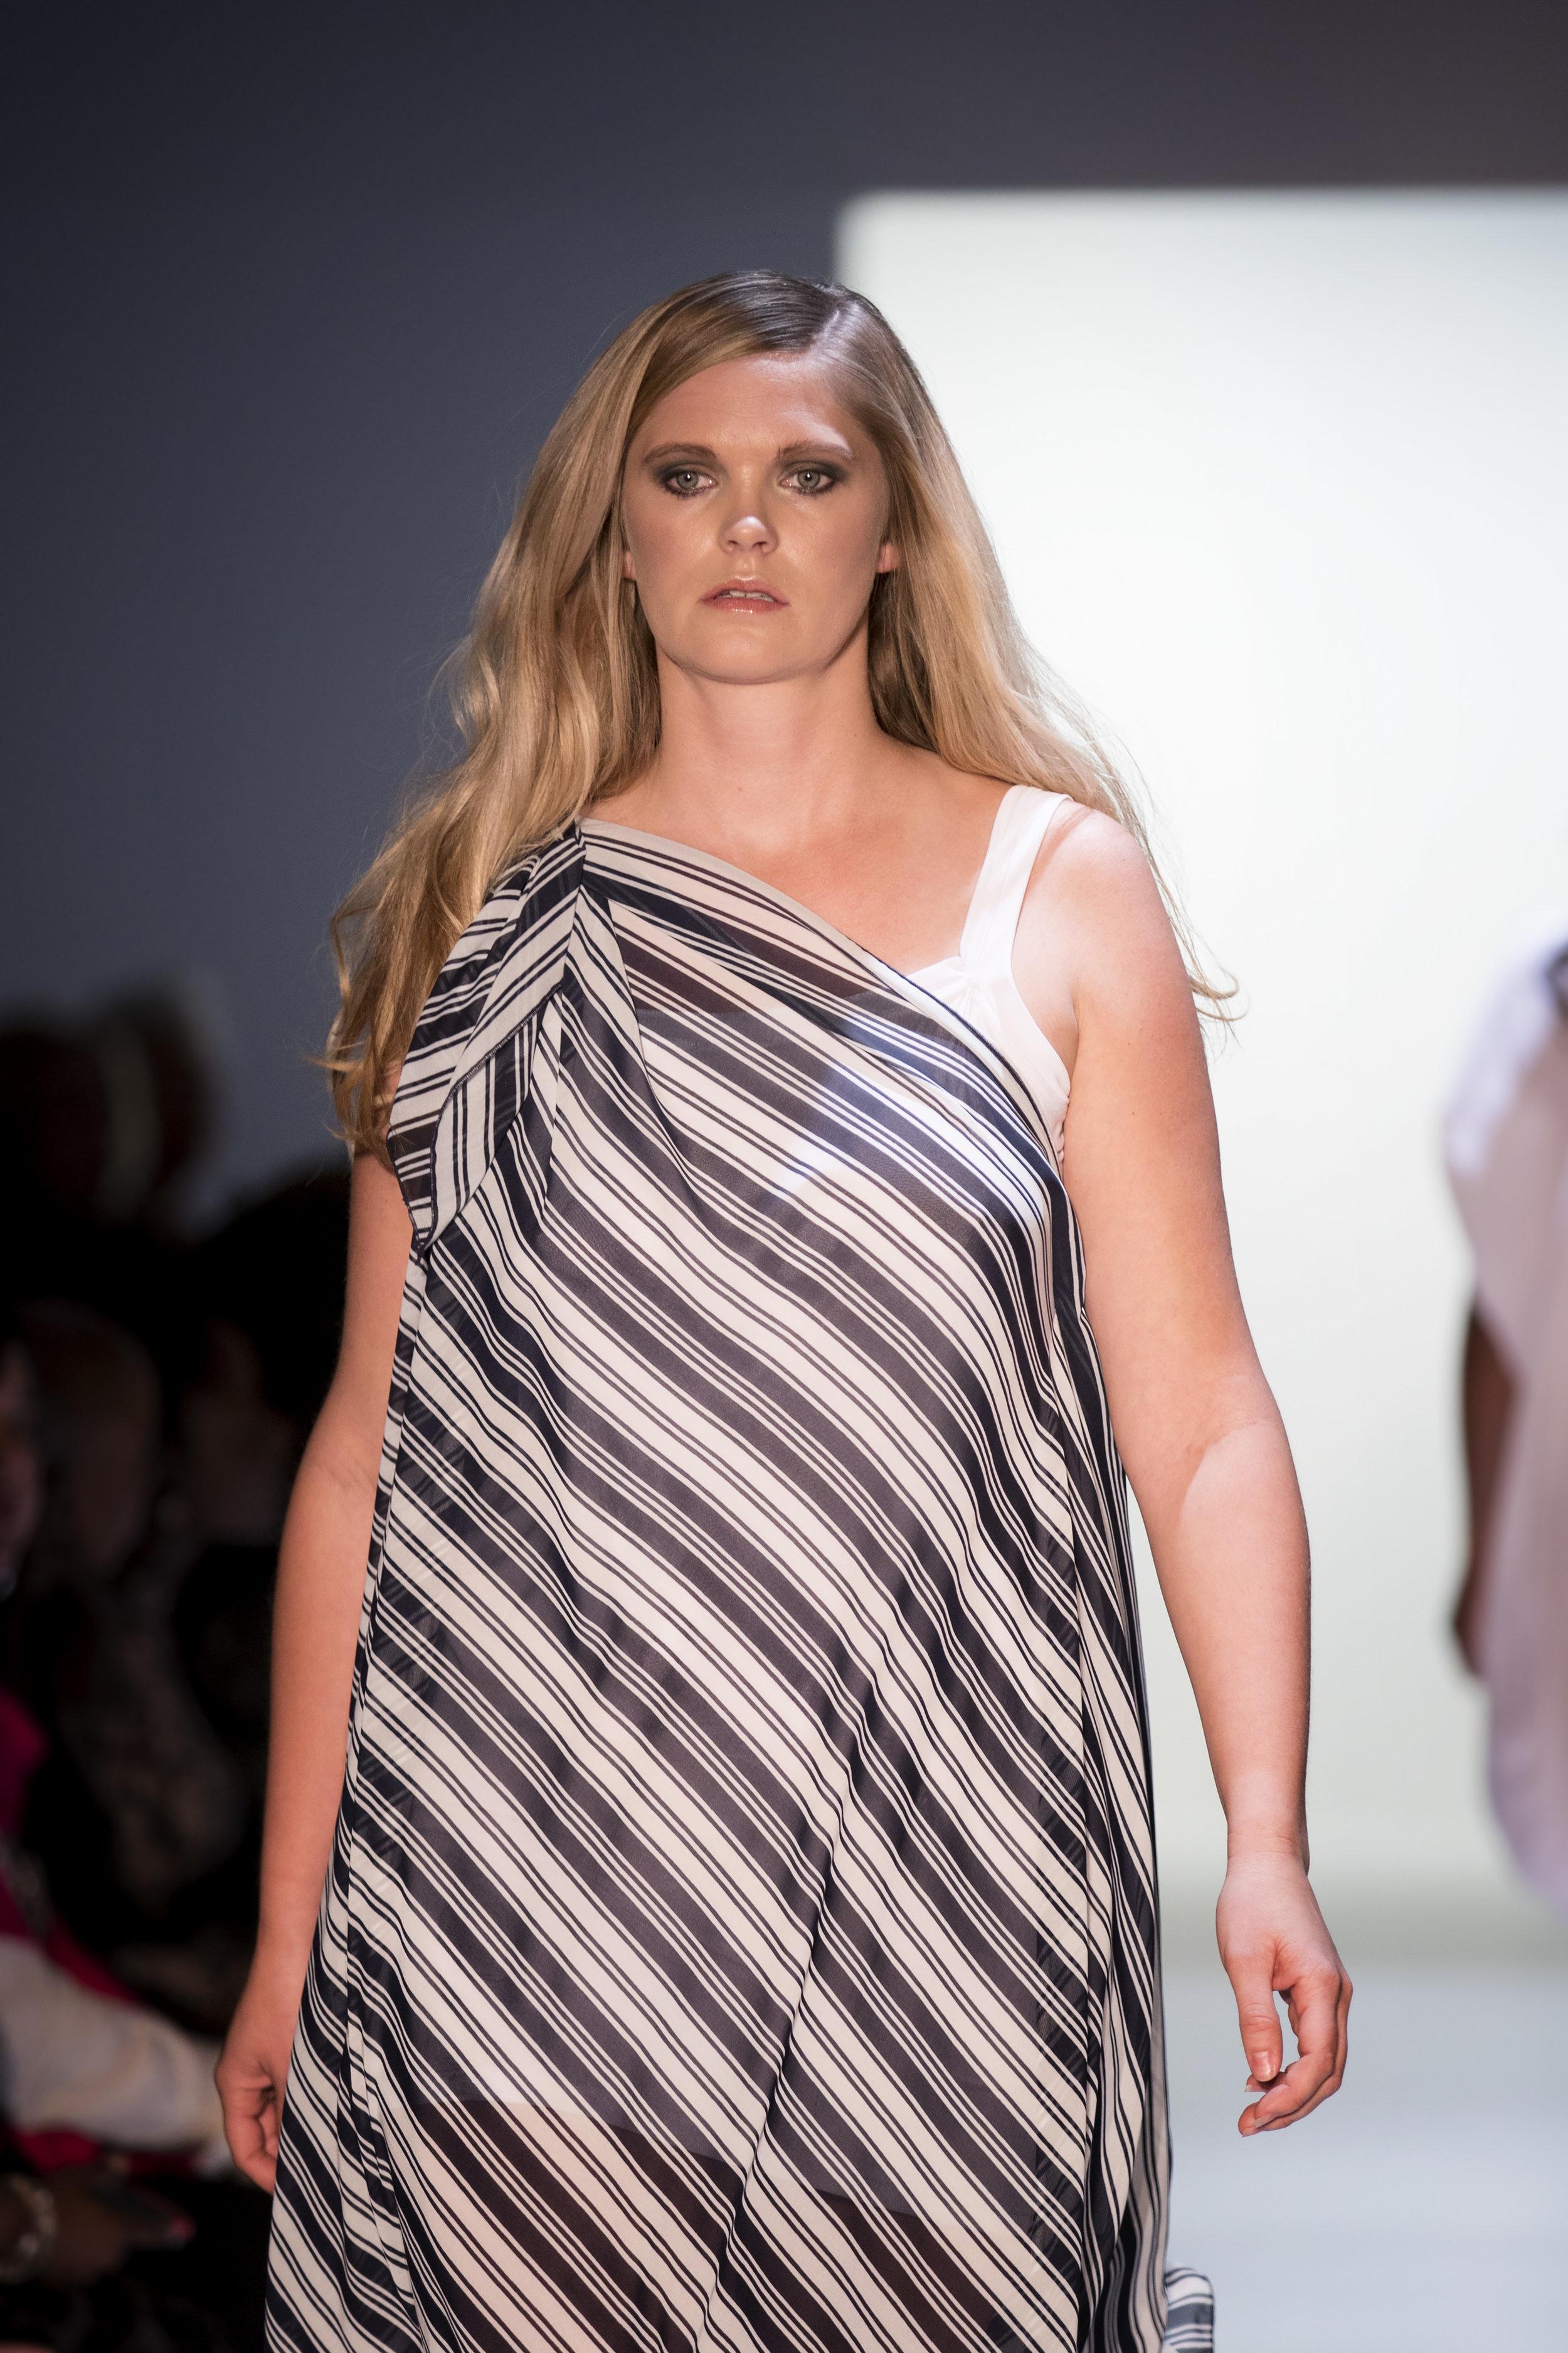 Massif Fashion Week 2017 Day 3 Stephanie Carlson - 024.jpg